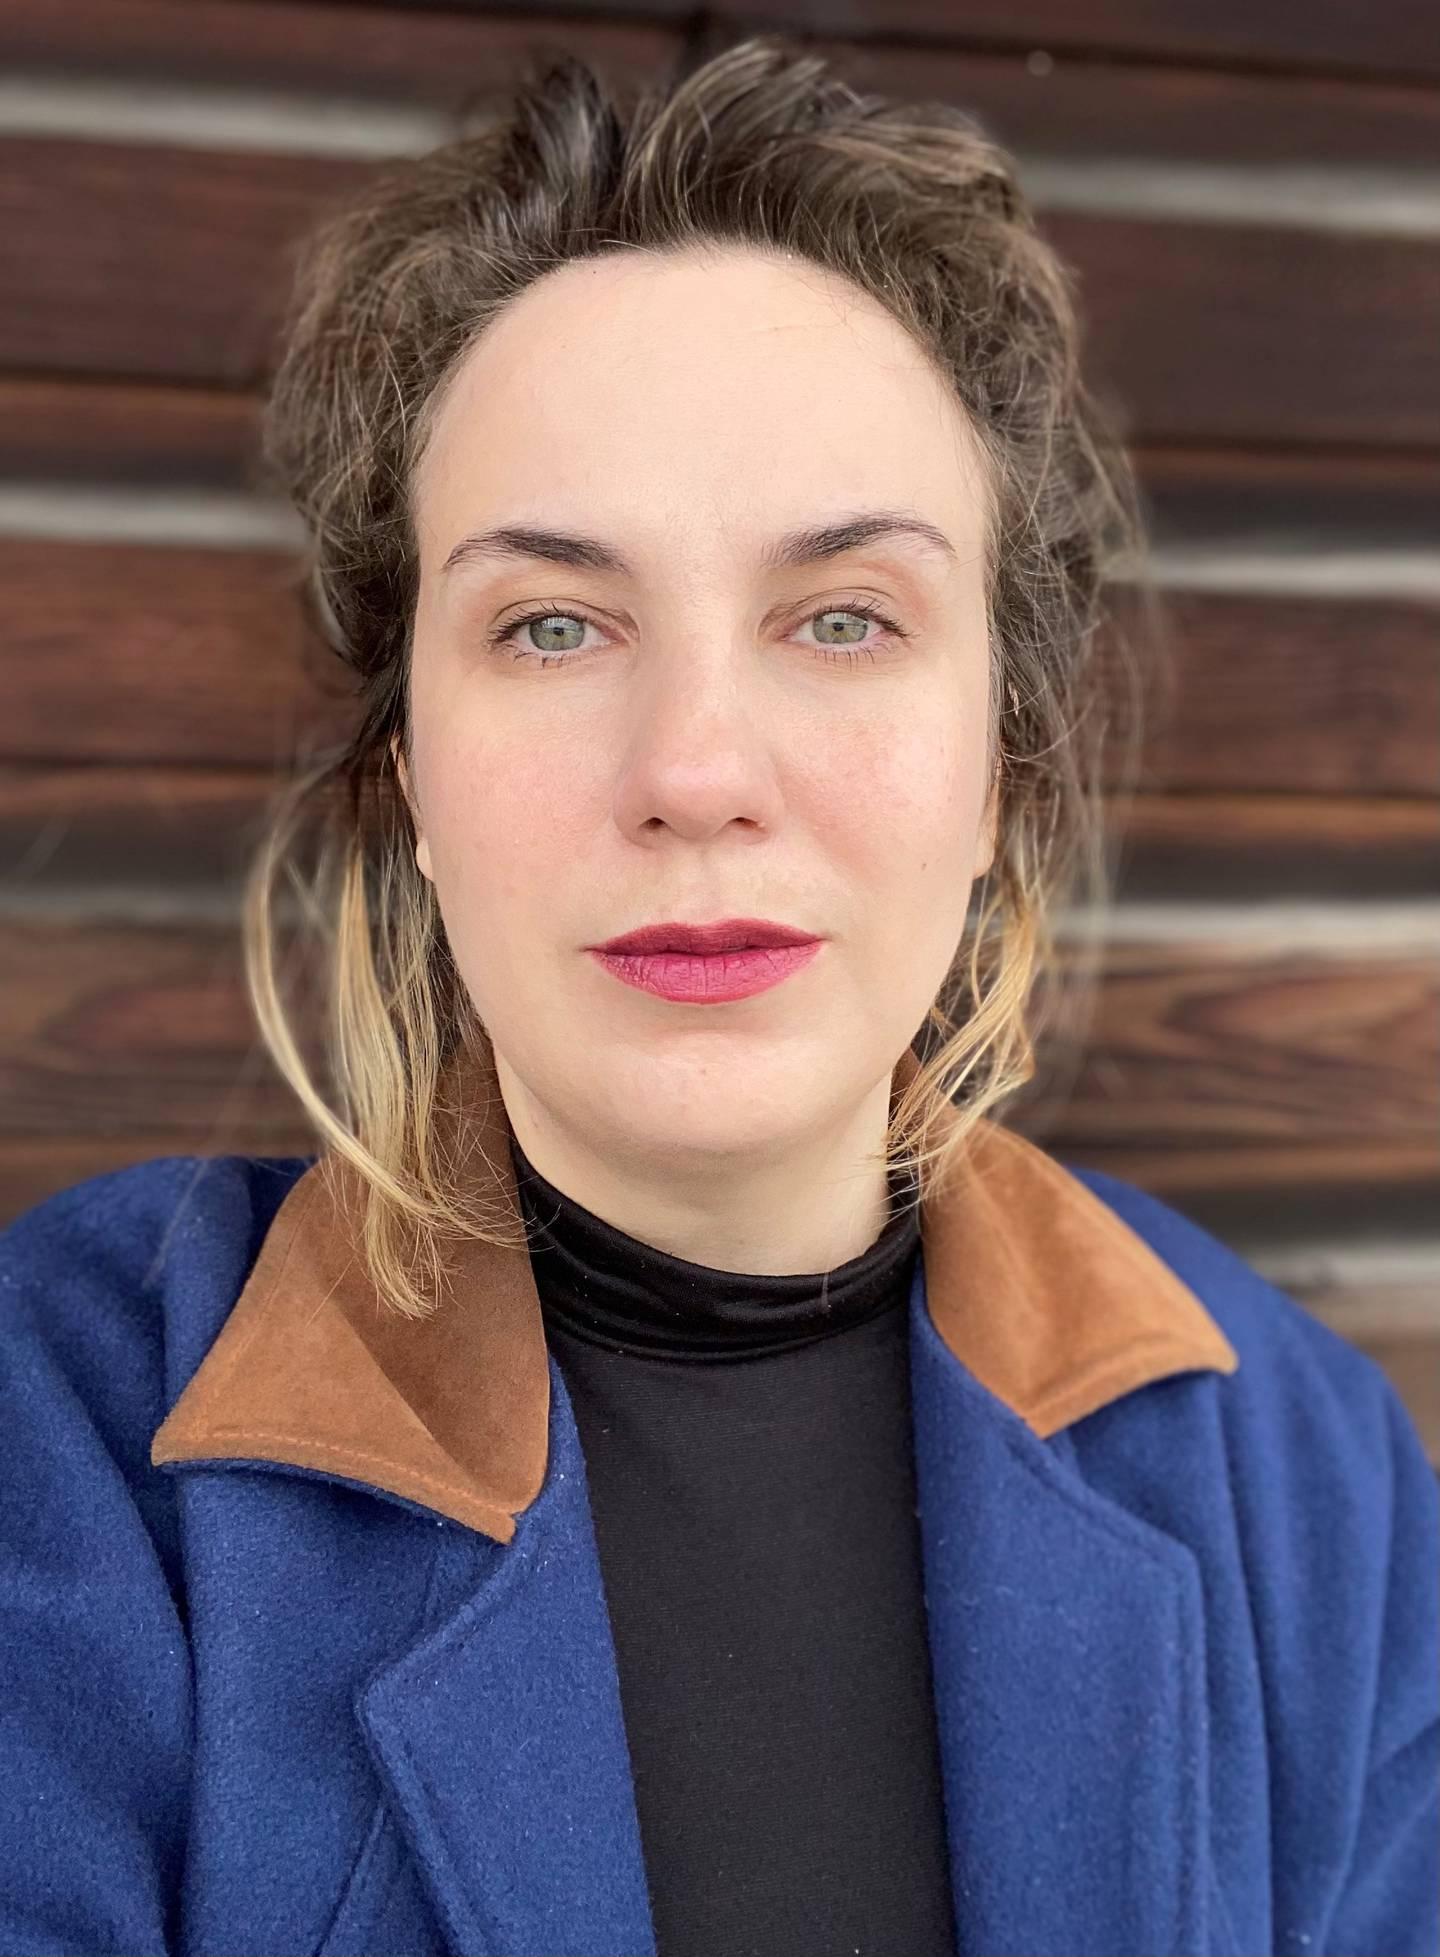 Birgitte er nyretransplantert sosiolog og funkisaktivist.